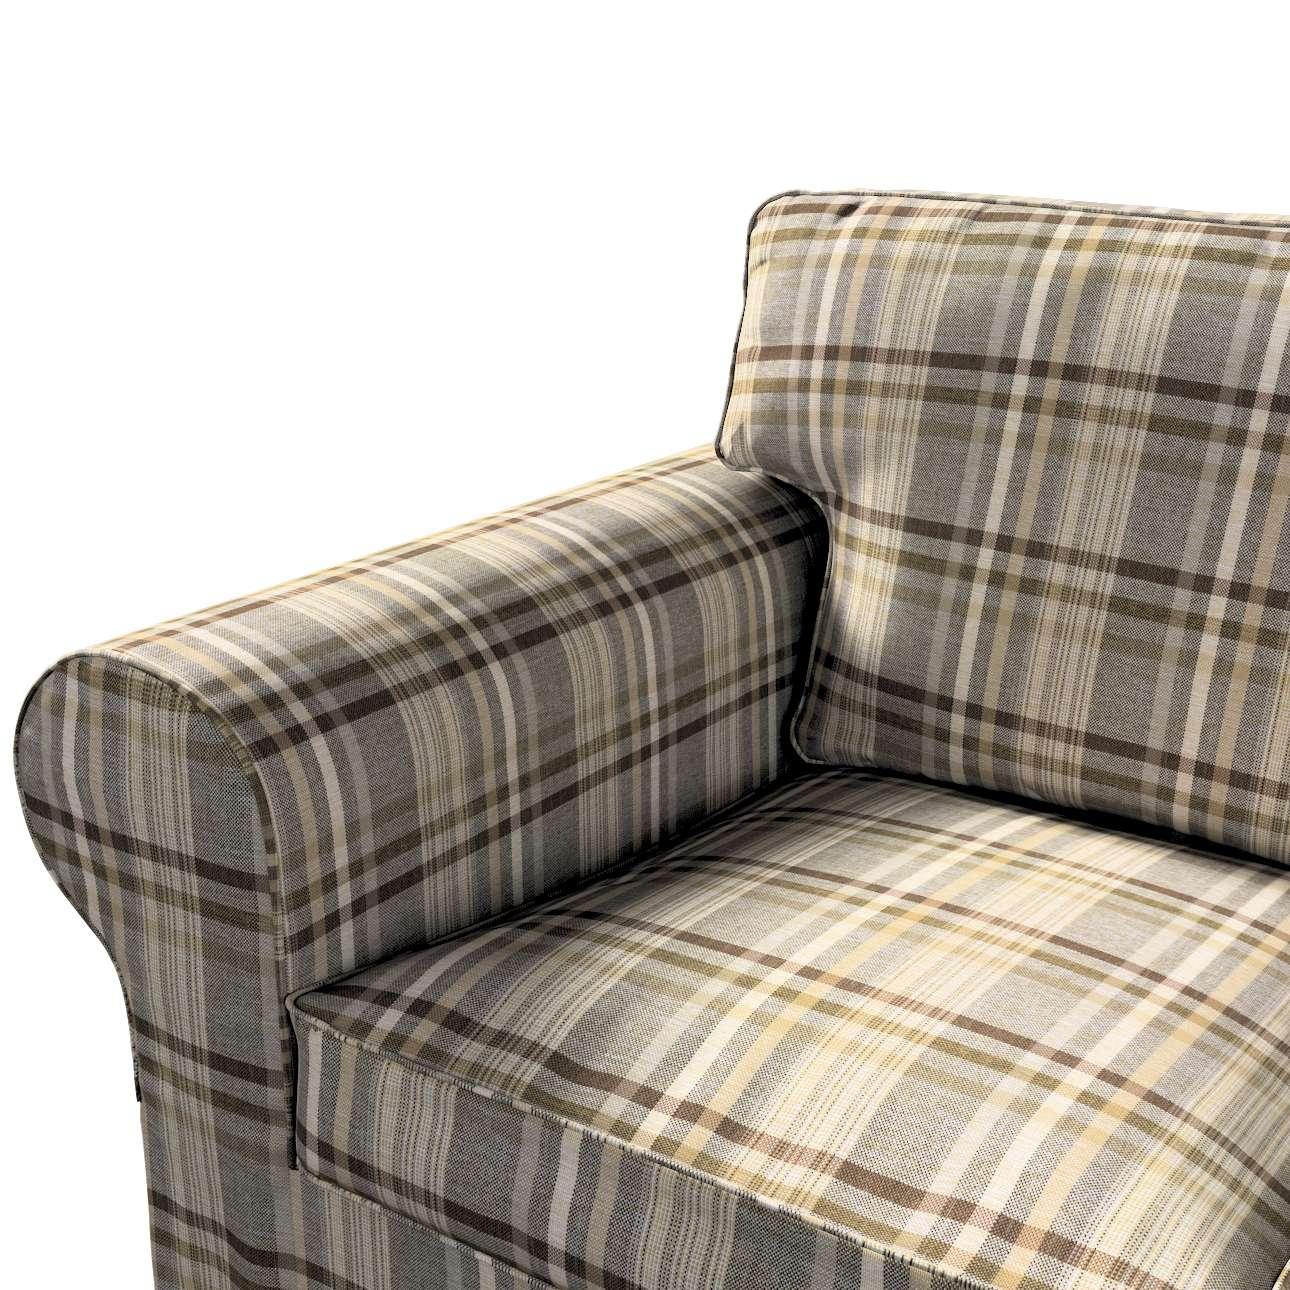 Pokrowiec na sofę Ektorp 3-osobową, rozkładaną, PIXBO w kolekcji Edinburgh, tkanina: 703-17